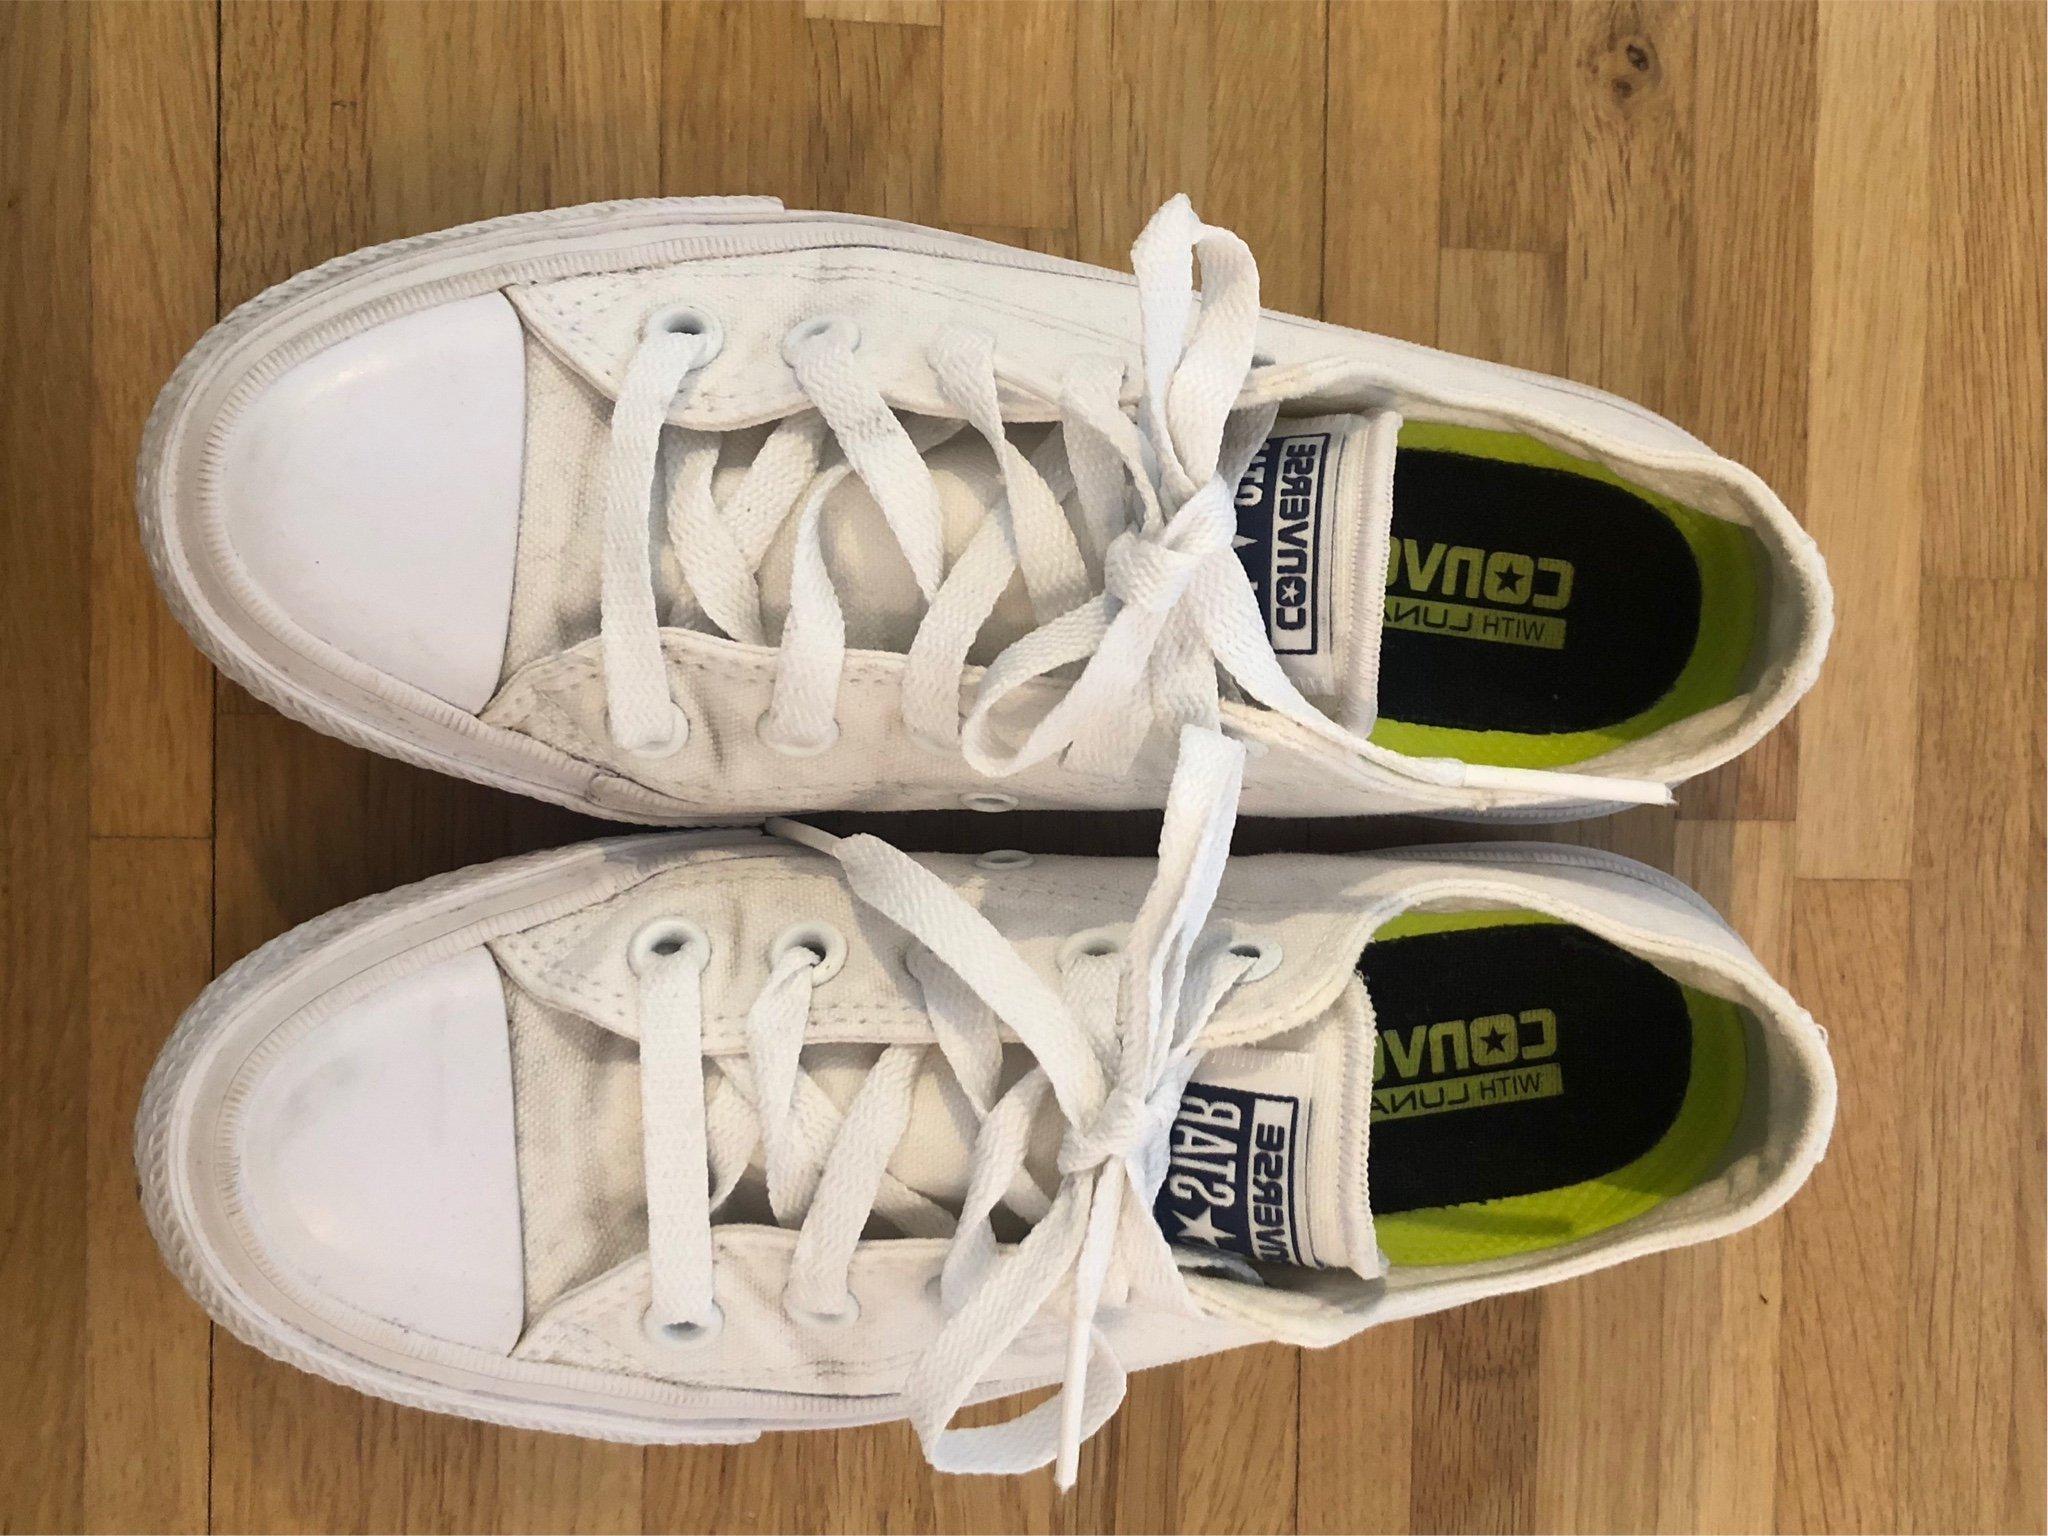 Vita låga Converse med ergonomisk sula (347429202) ᐈ Köp på